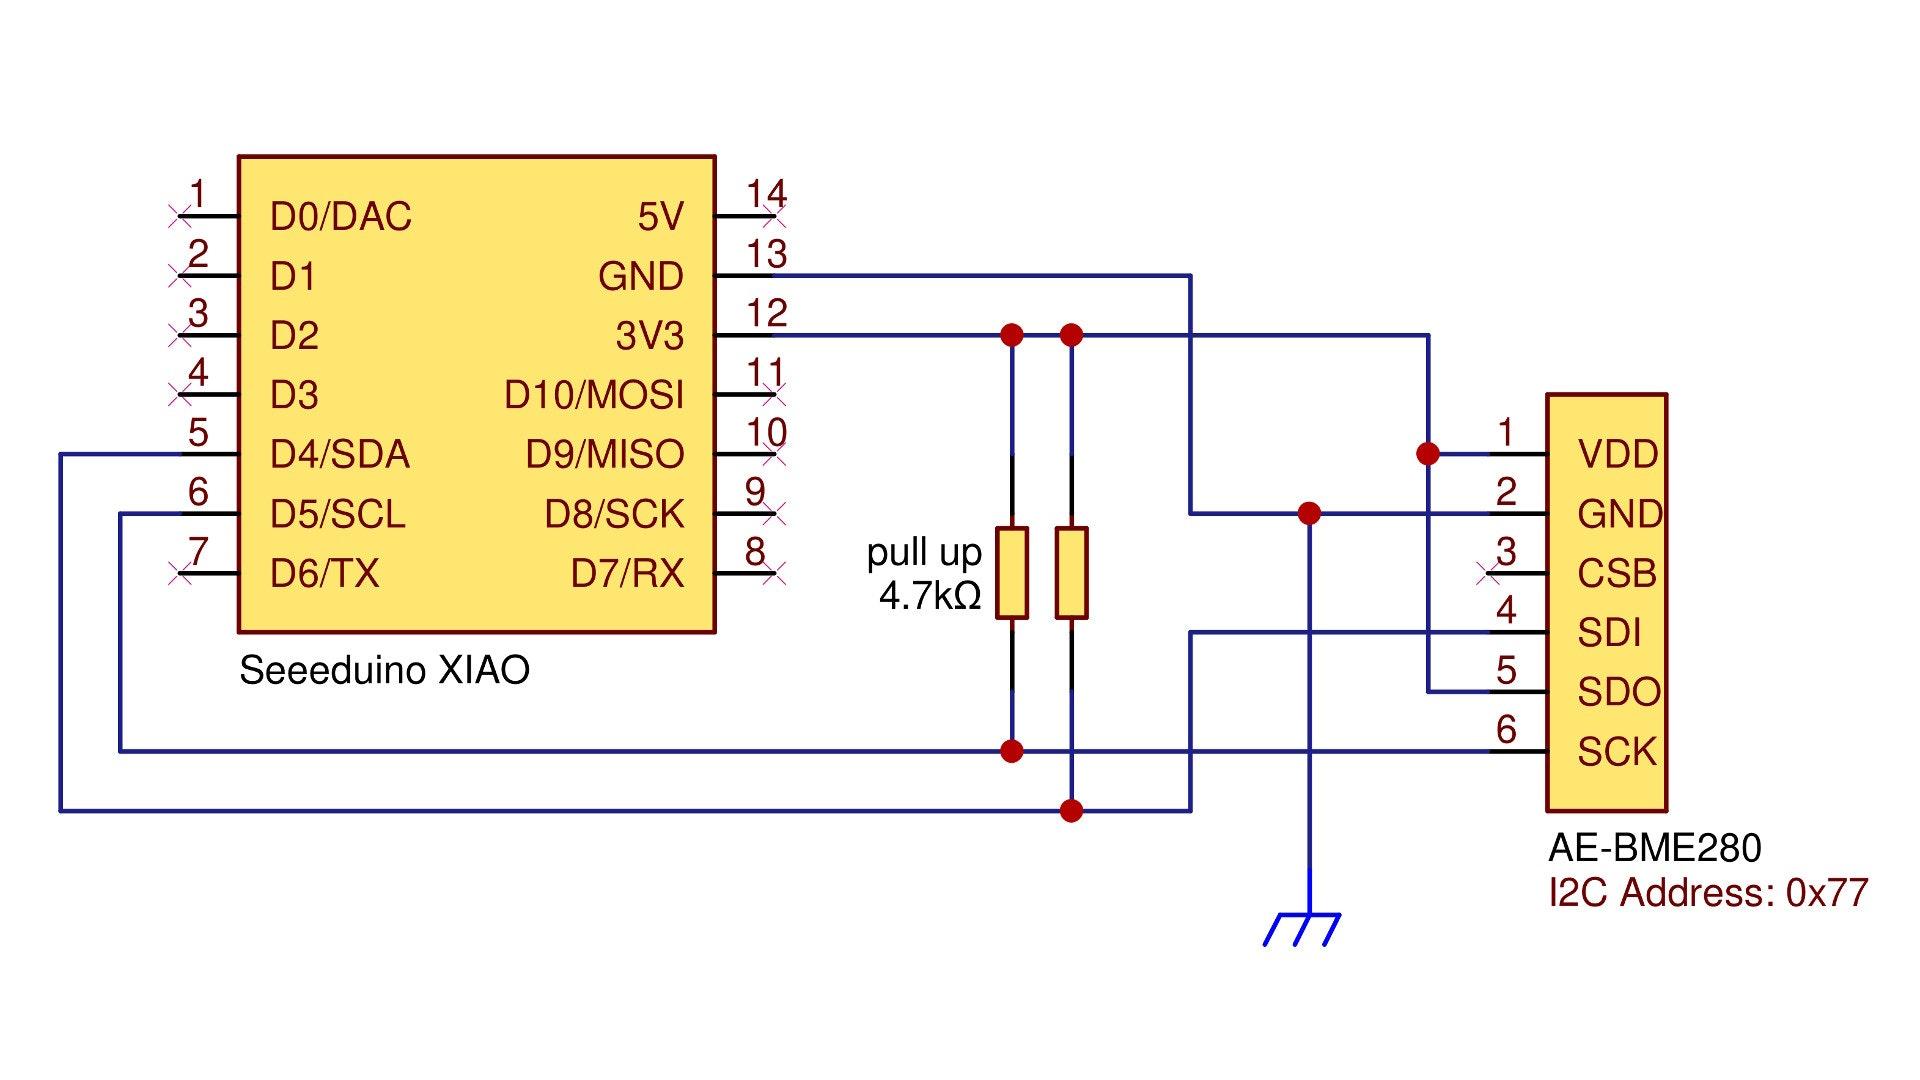 bme280_schematic.jpg